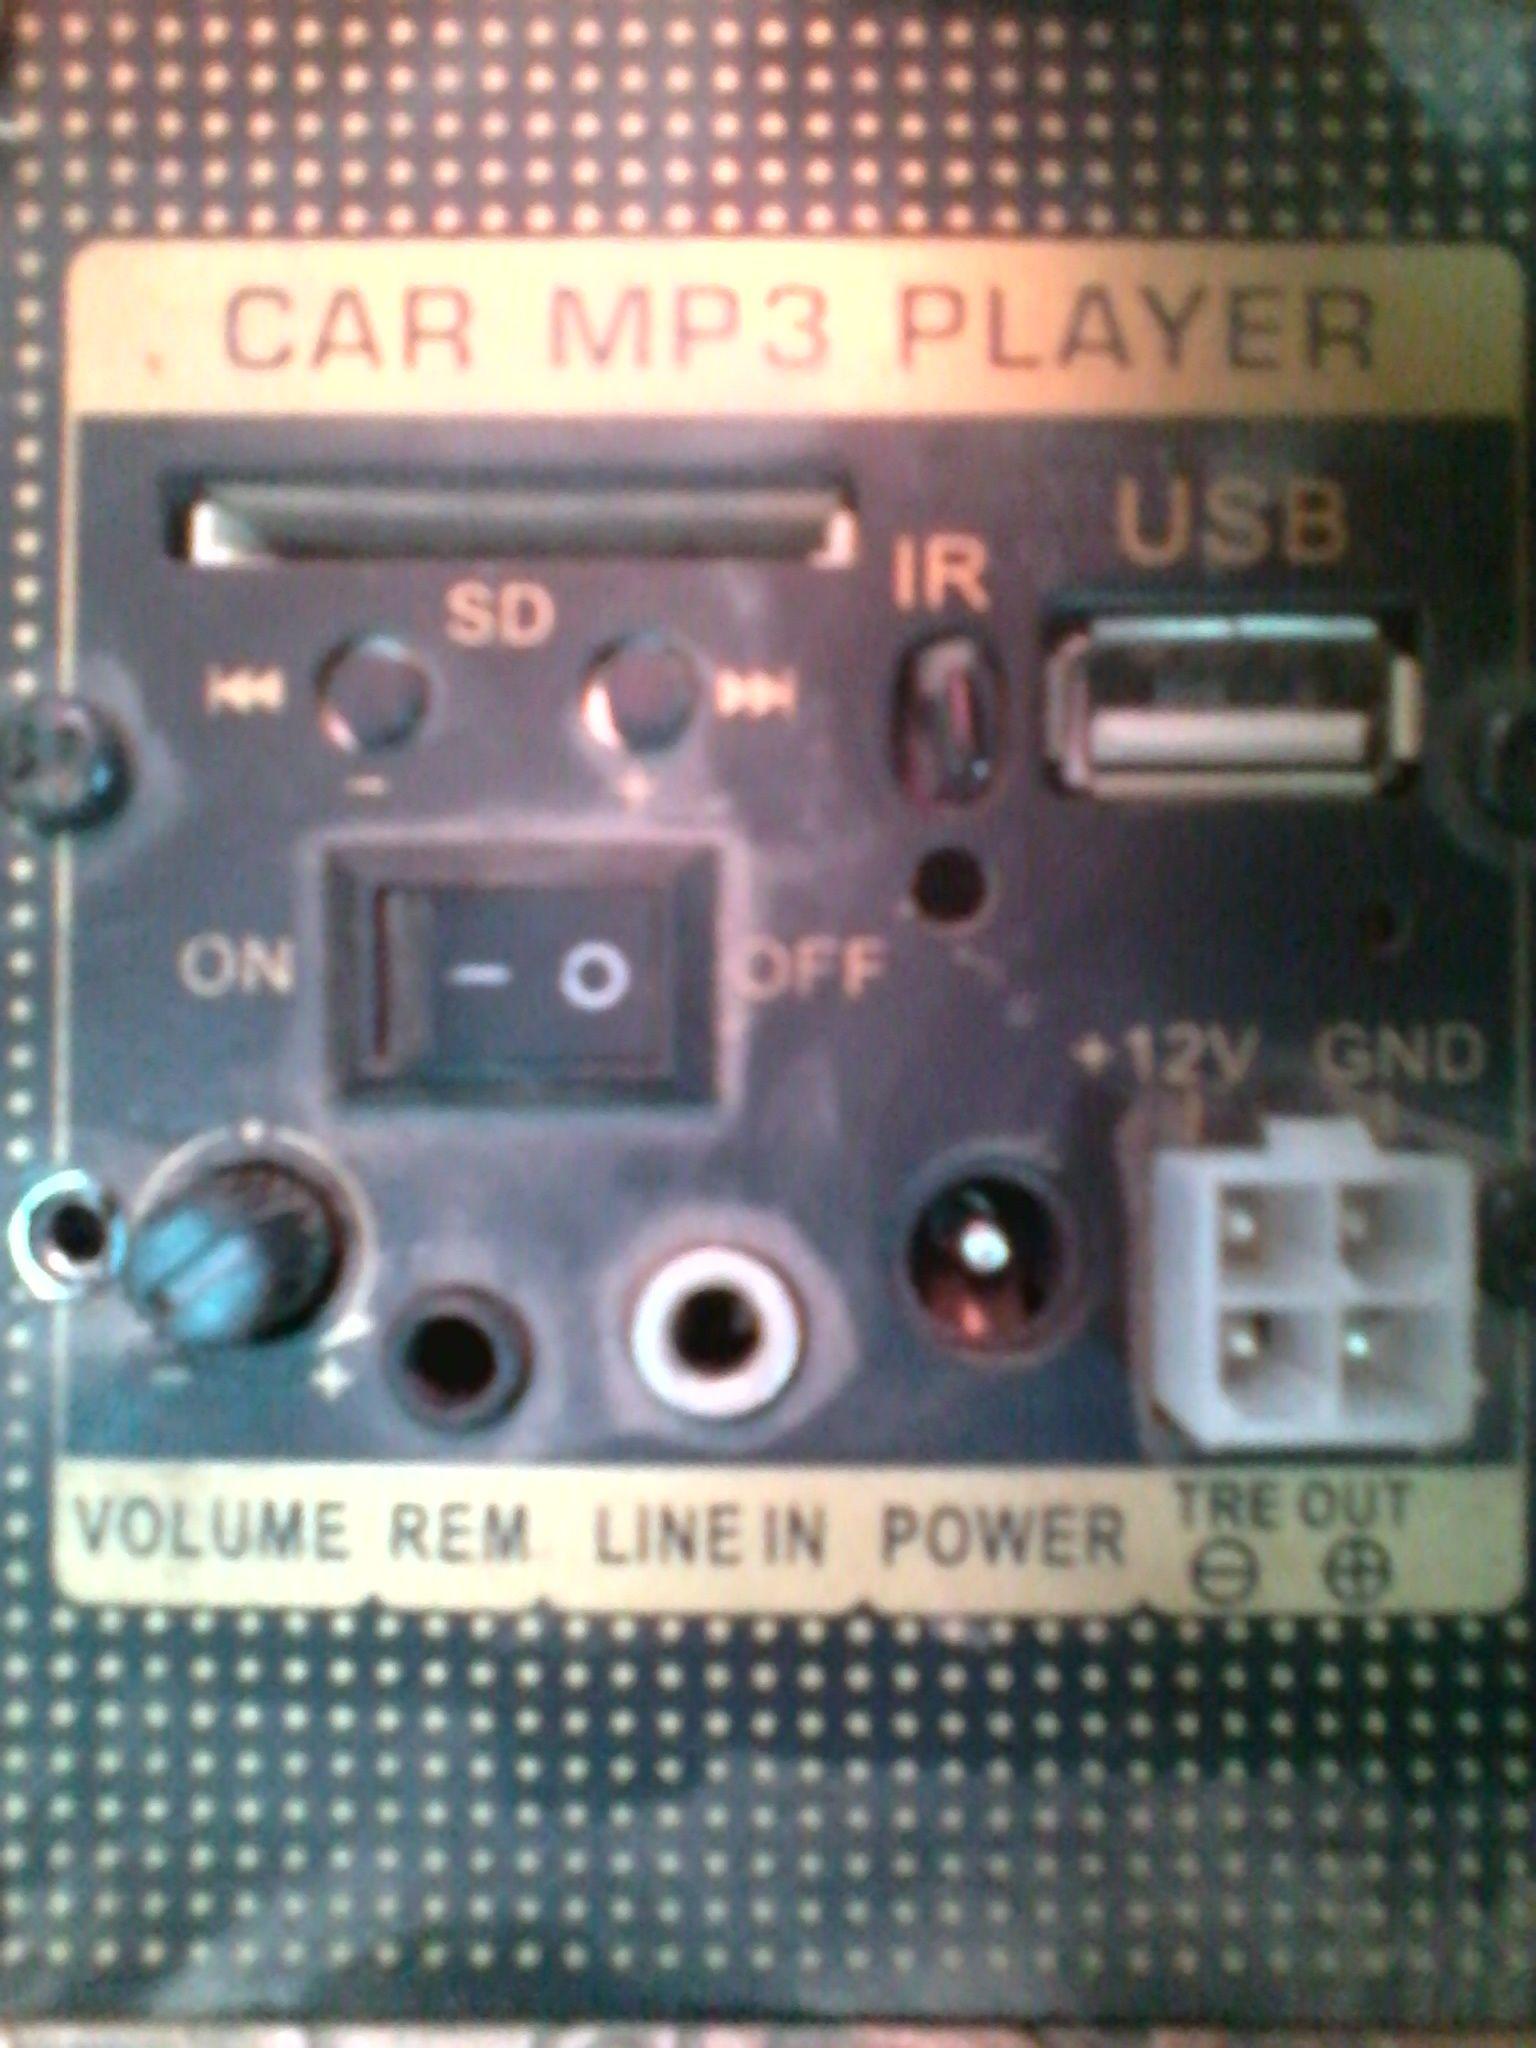 功放、低音炮该怎么连接?谢谢! [复制链接]   汽车低音炮怎么高清图片